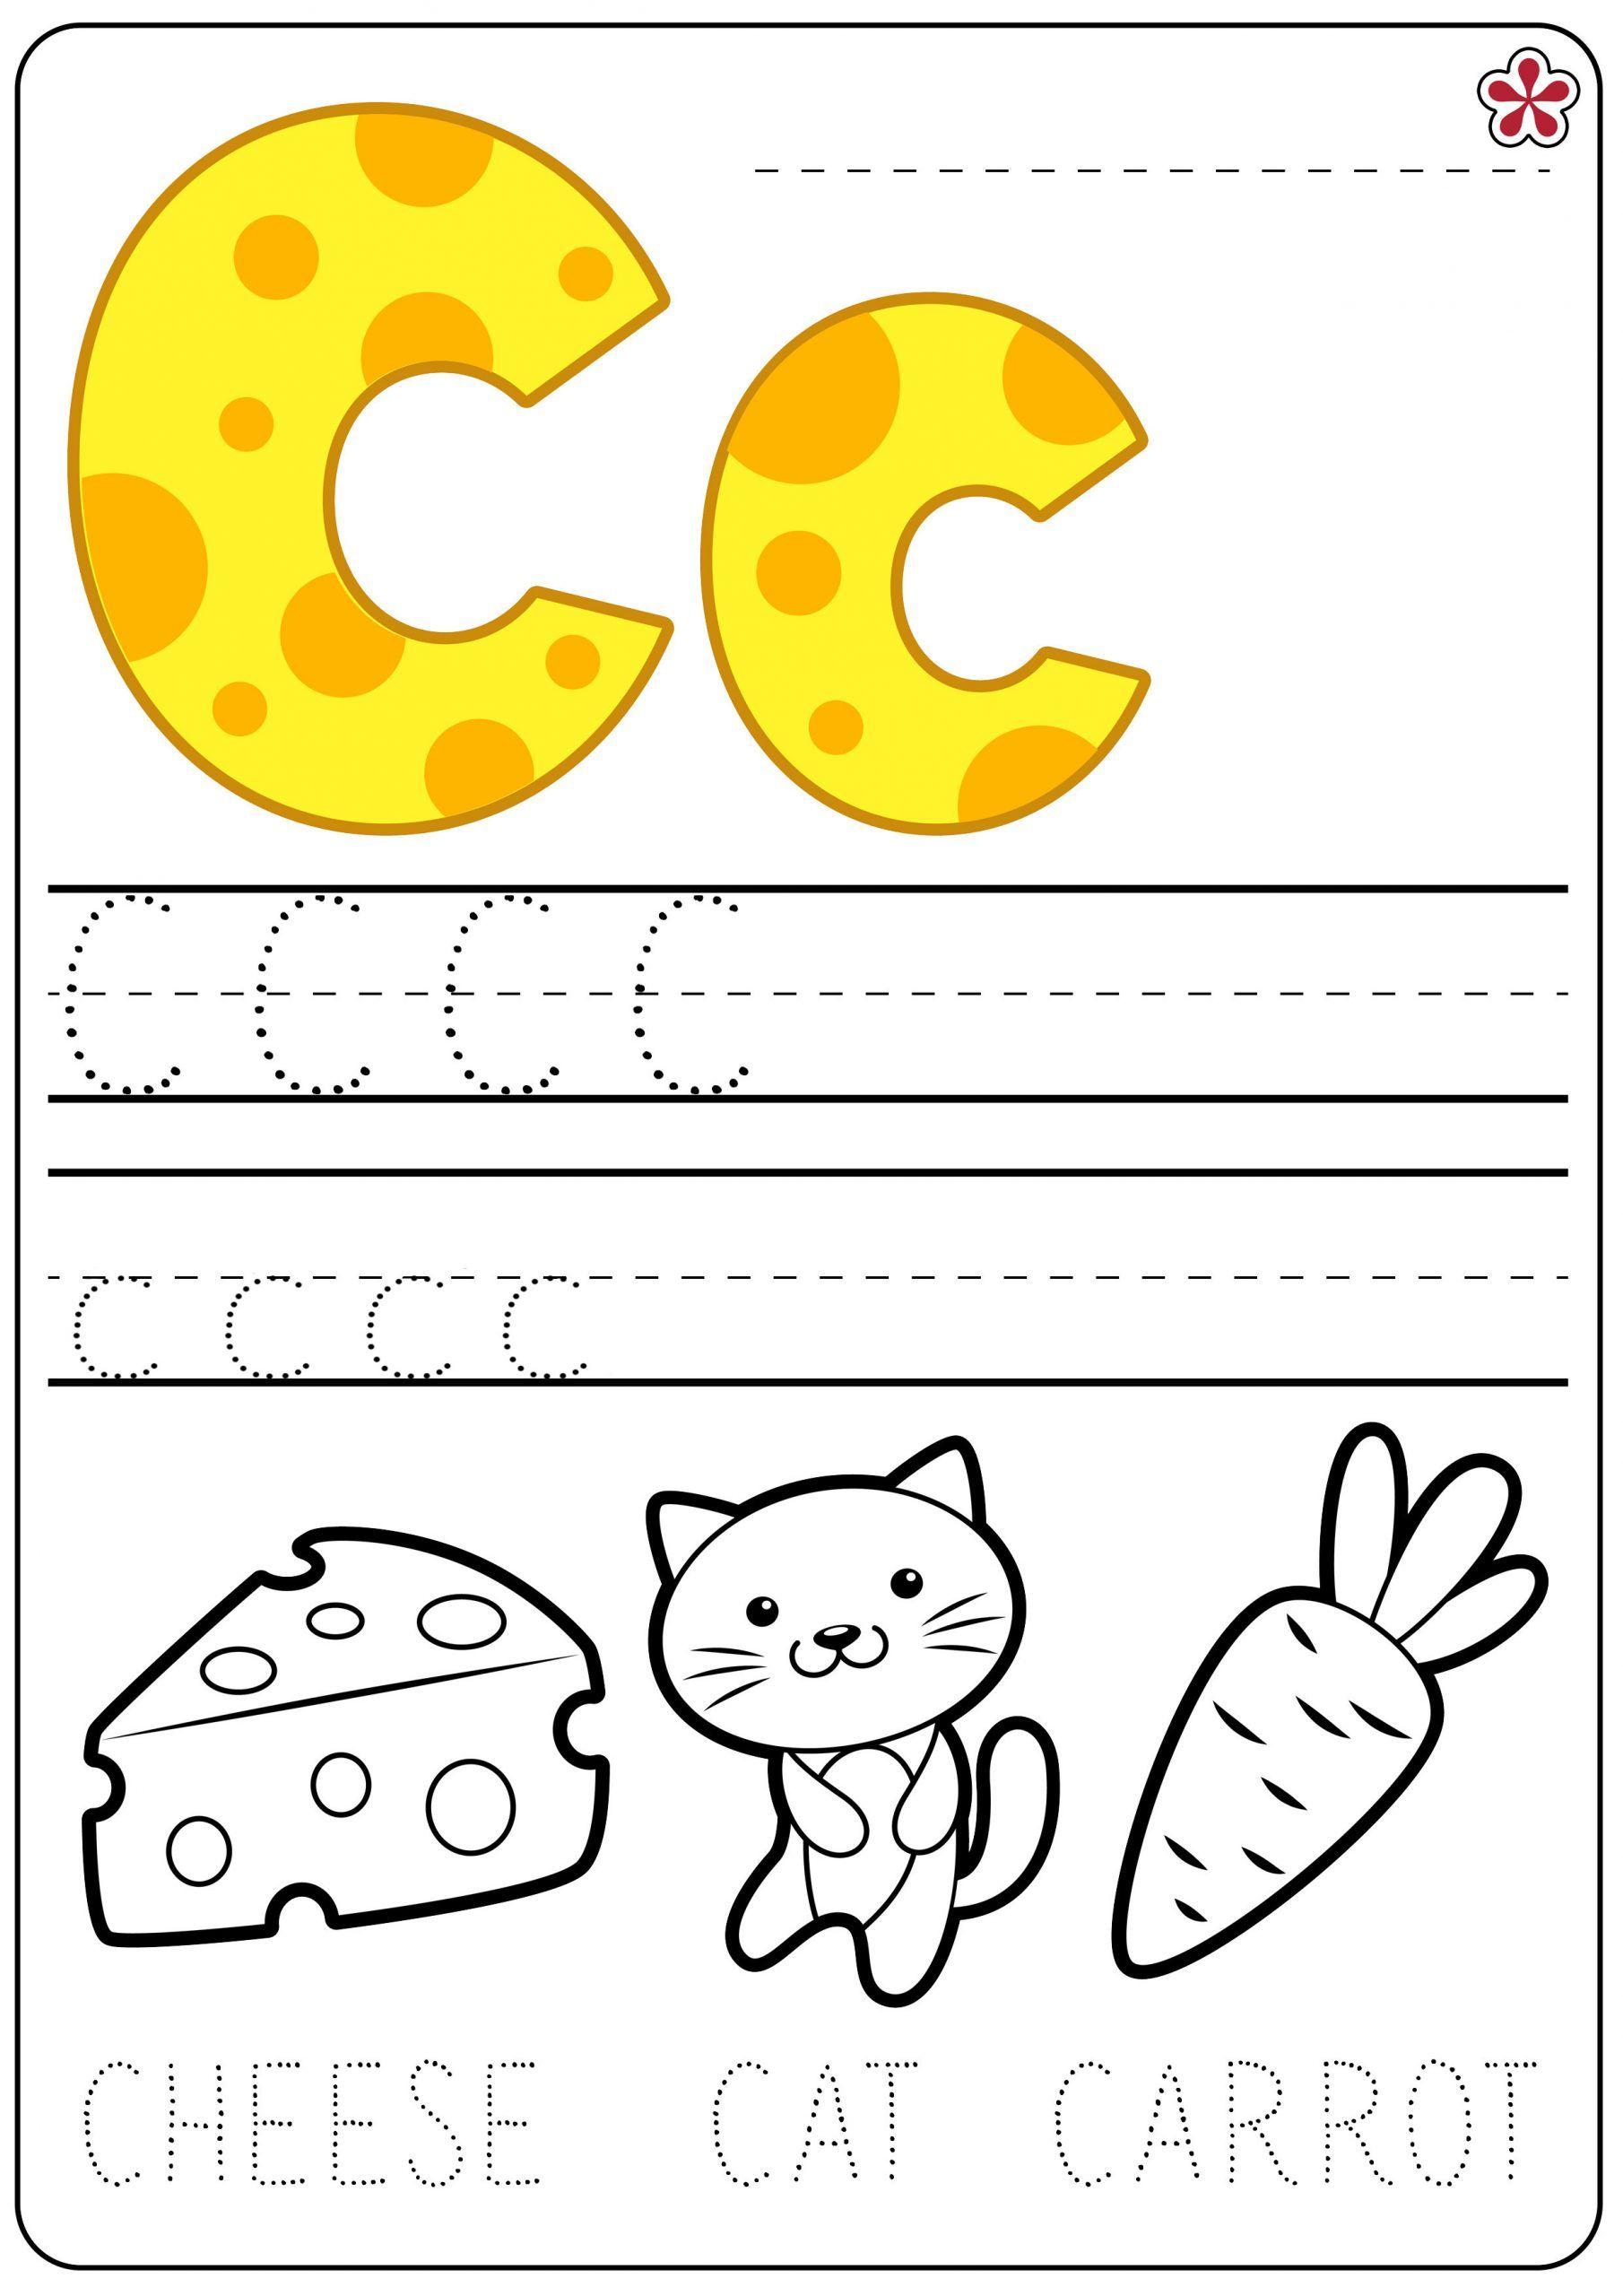 Printable Letter C Worksheets In 2020 Preschool Letters Kindergarten Worksheets Preschool Worksheets